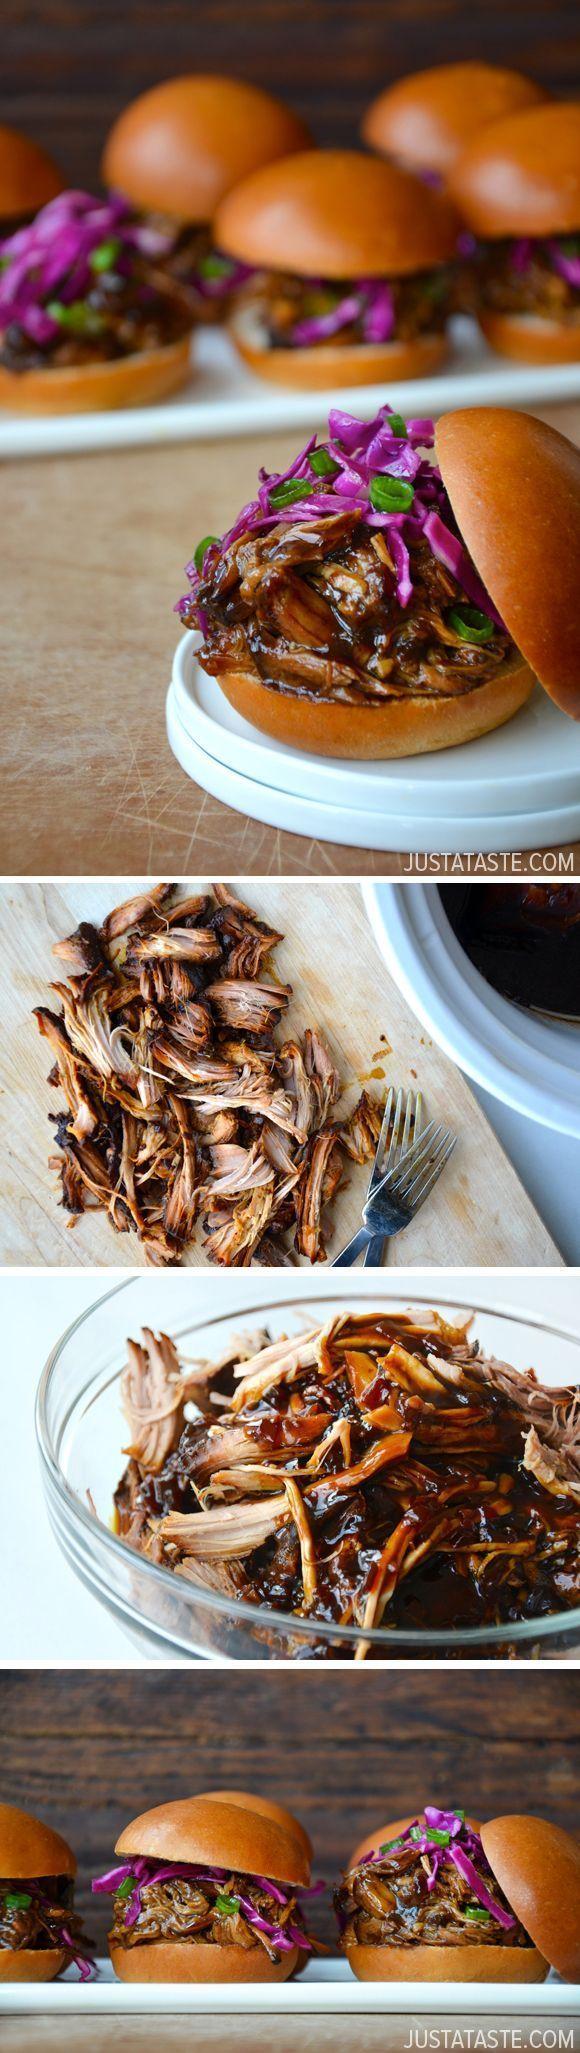 Slow Cooker Balsamic Honey Pulled Pork #recipe #slowcooker